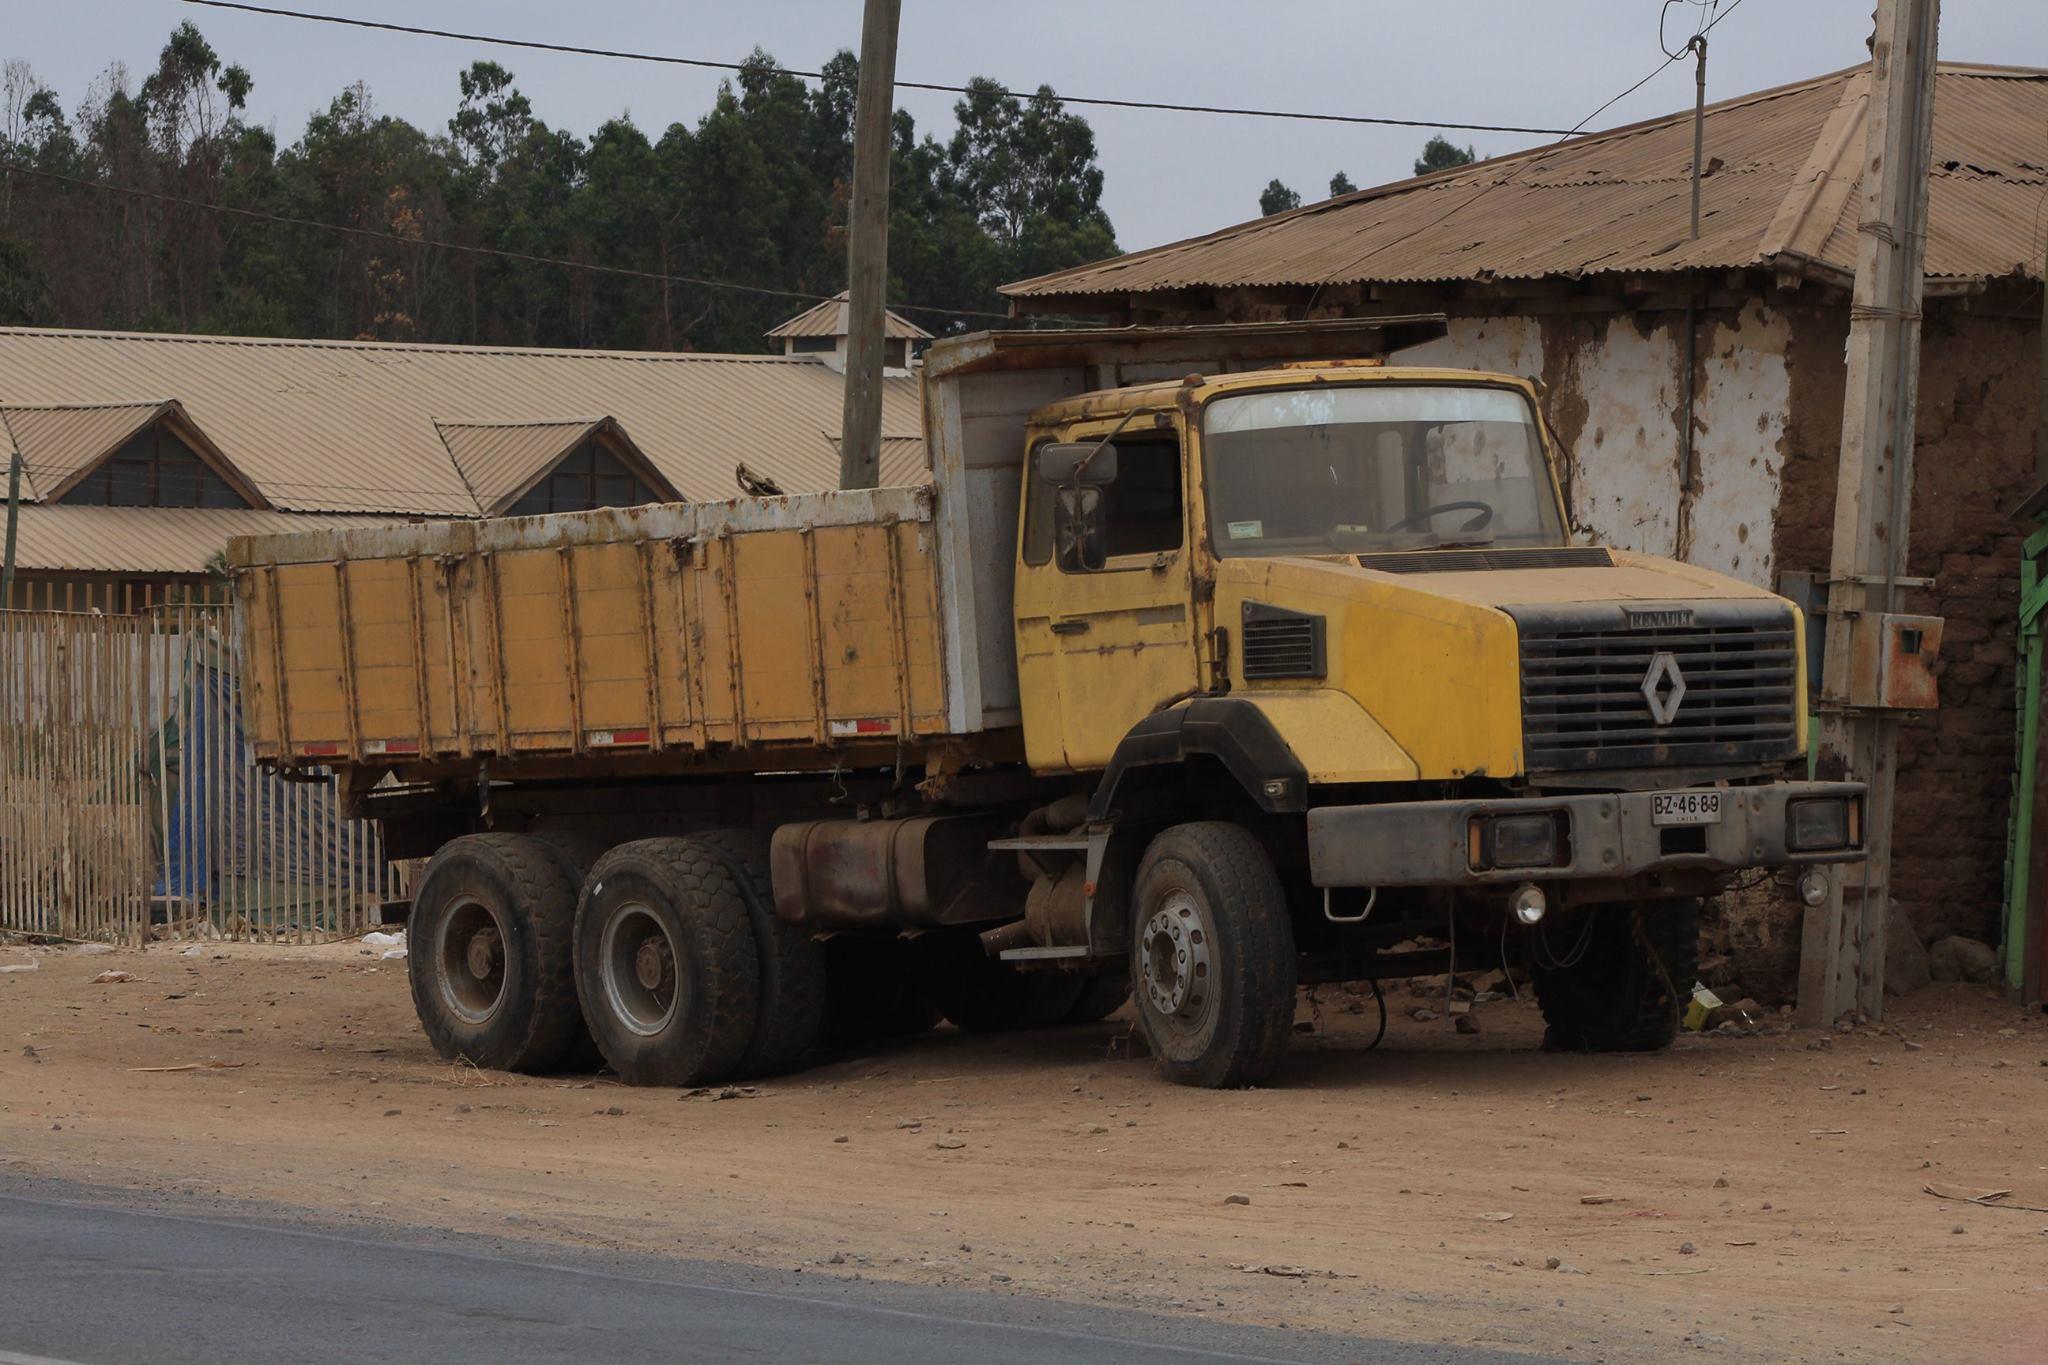 Camiones-vieja-escuela-olvidados-18